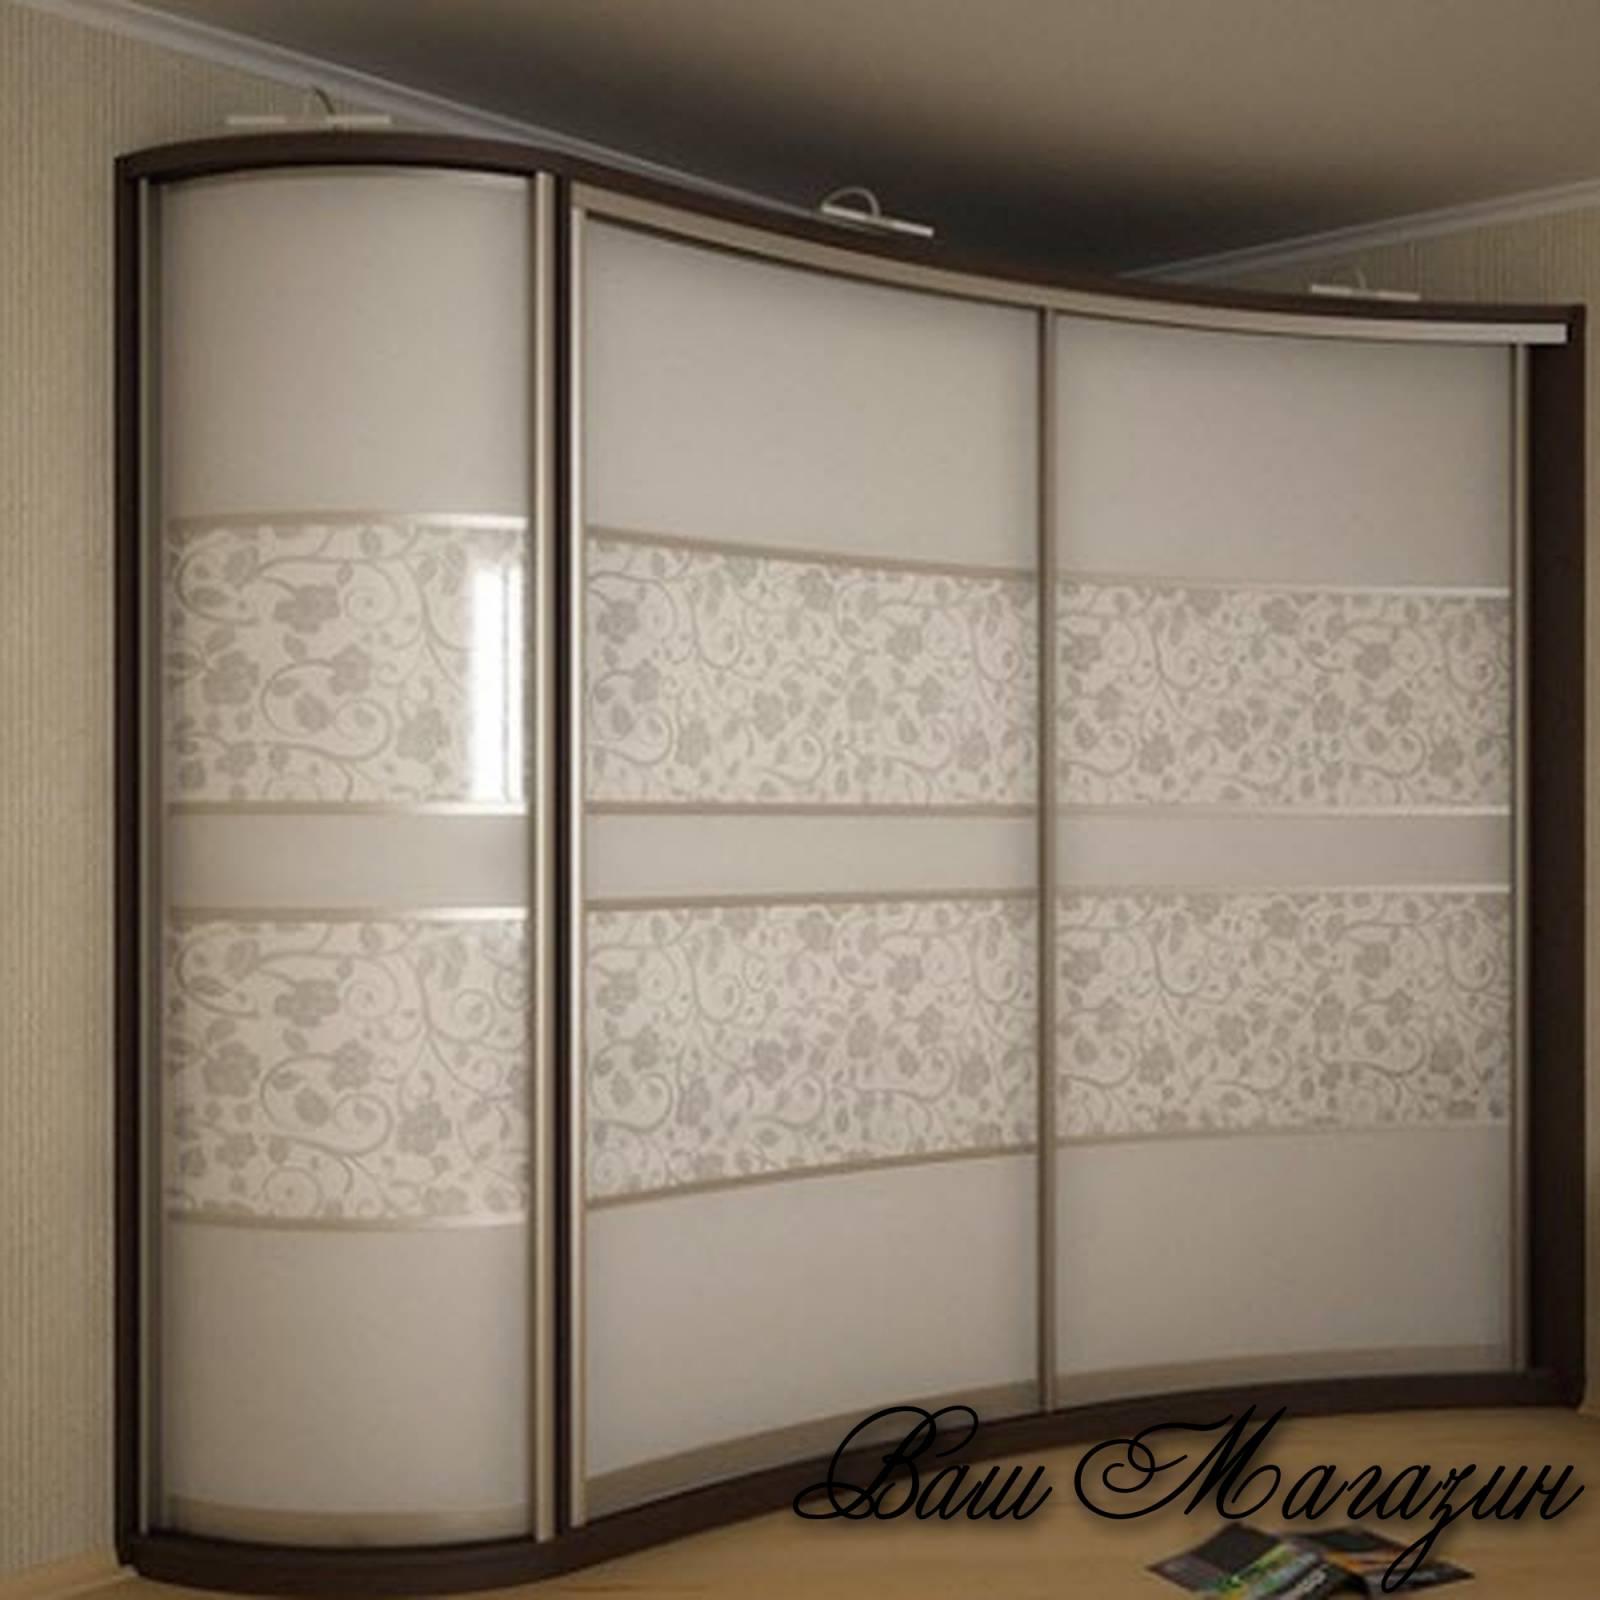 Мебель птз - шкафы и шкафы-купе сделанные на заказ.